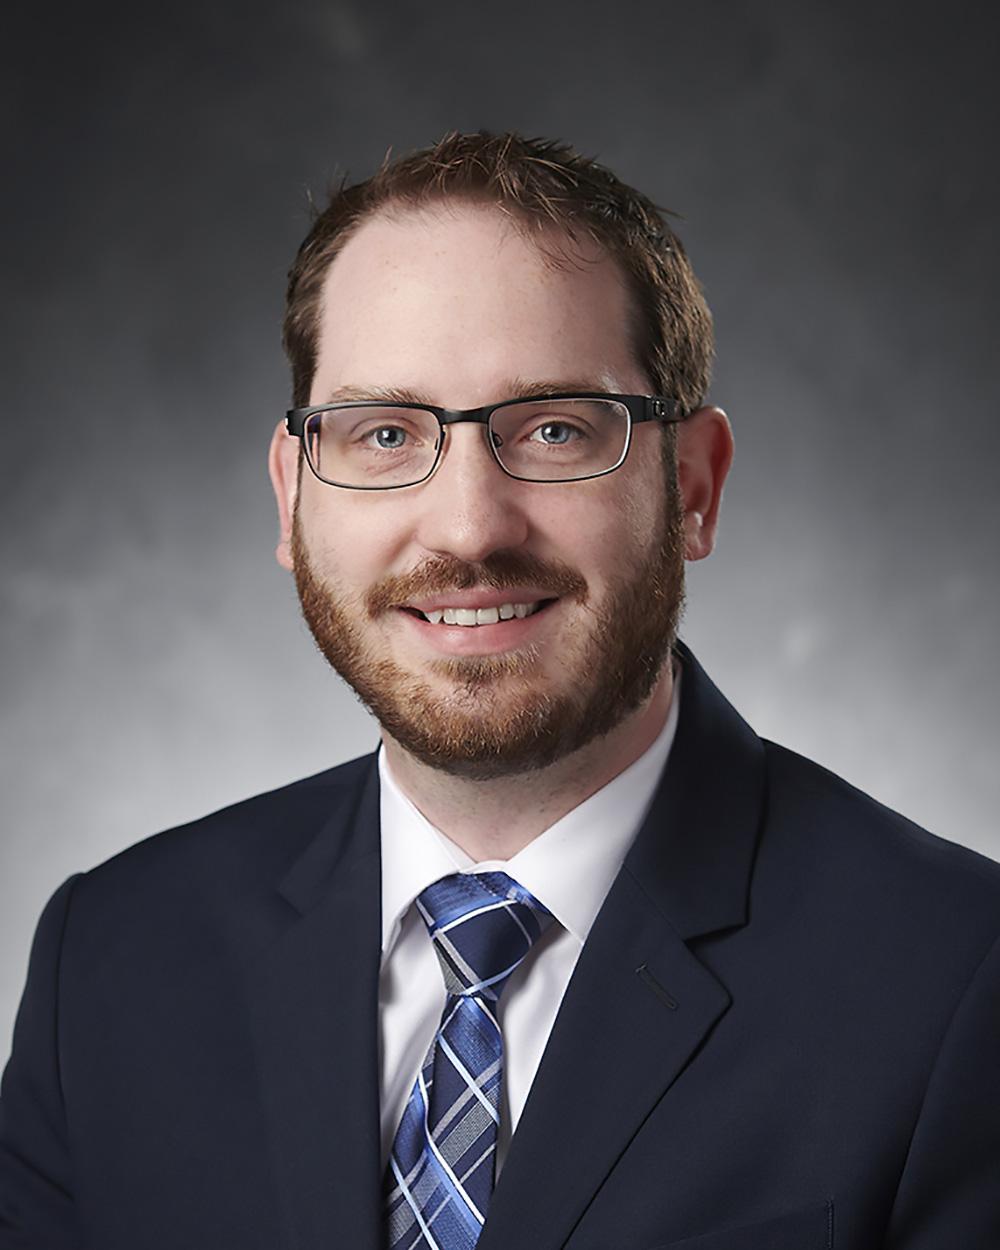 Dr. Phillip Rathousky